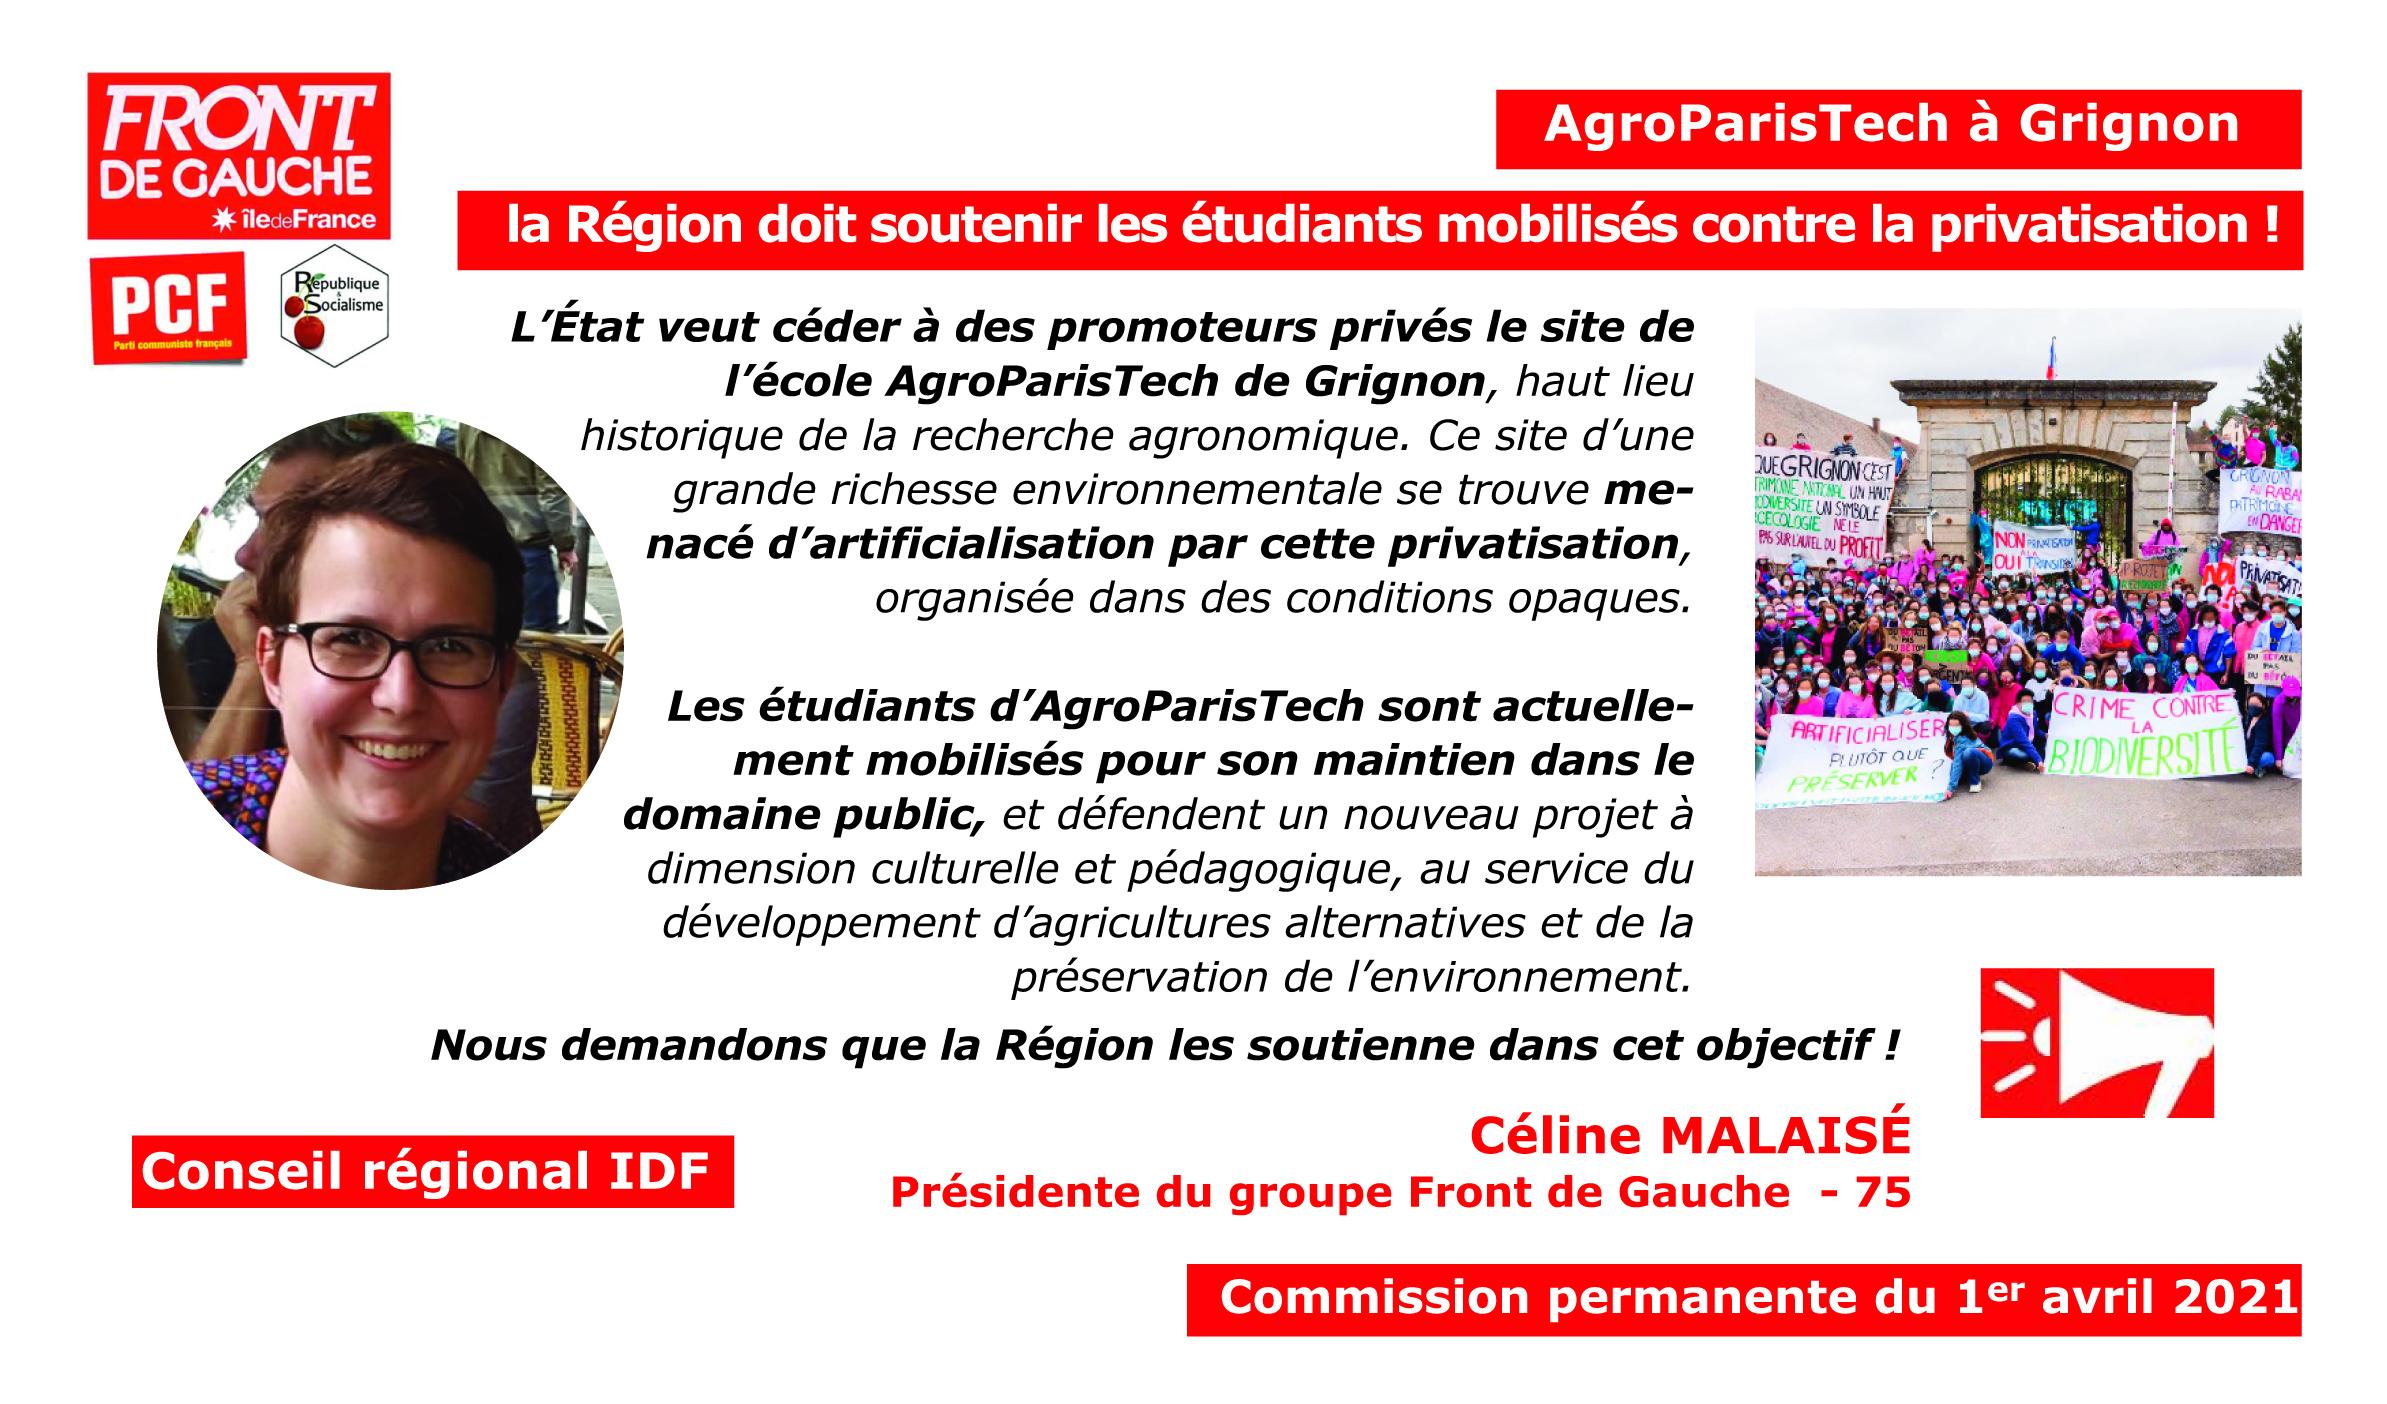 Céline AGRO PARIS TECH